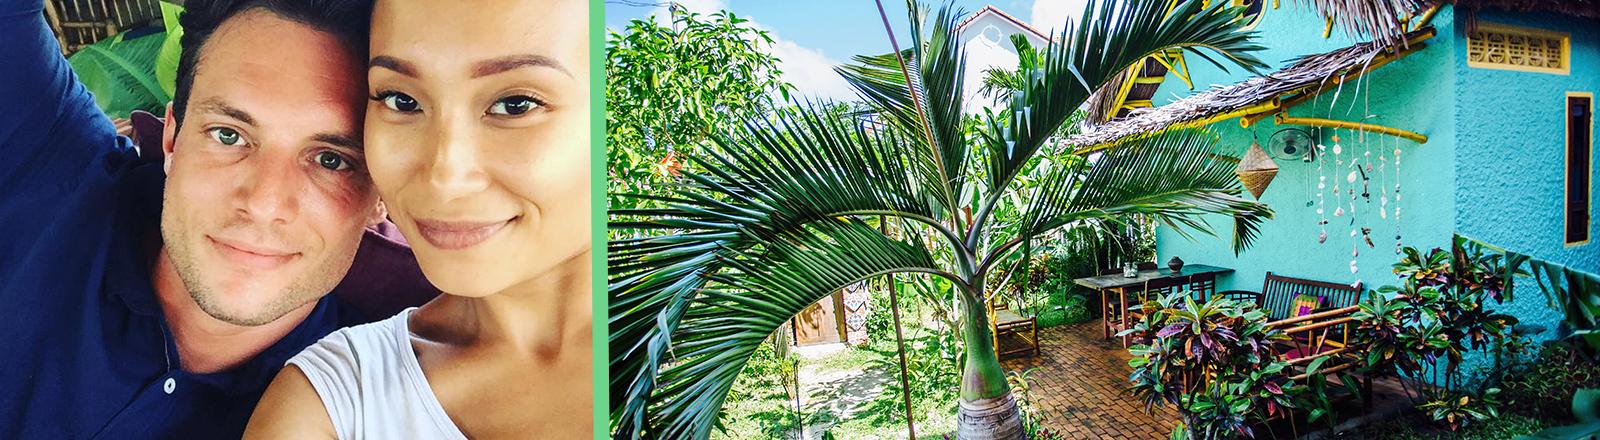 Collage aus zwei Fotos: Links sind Kim-Loan Nguyễn und Michael Kredics zu sehen; rechts zeigt den Blick auf ihr Hostel und den Garten mit Palme